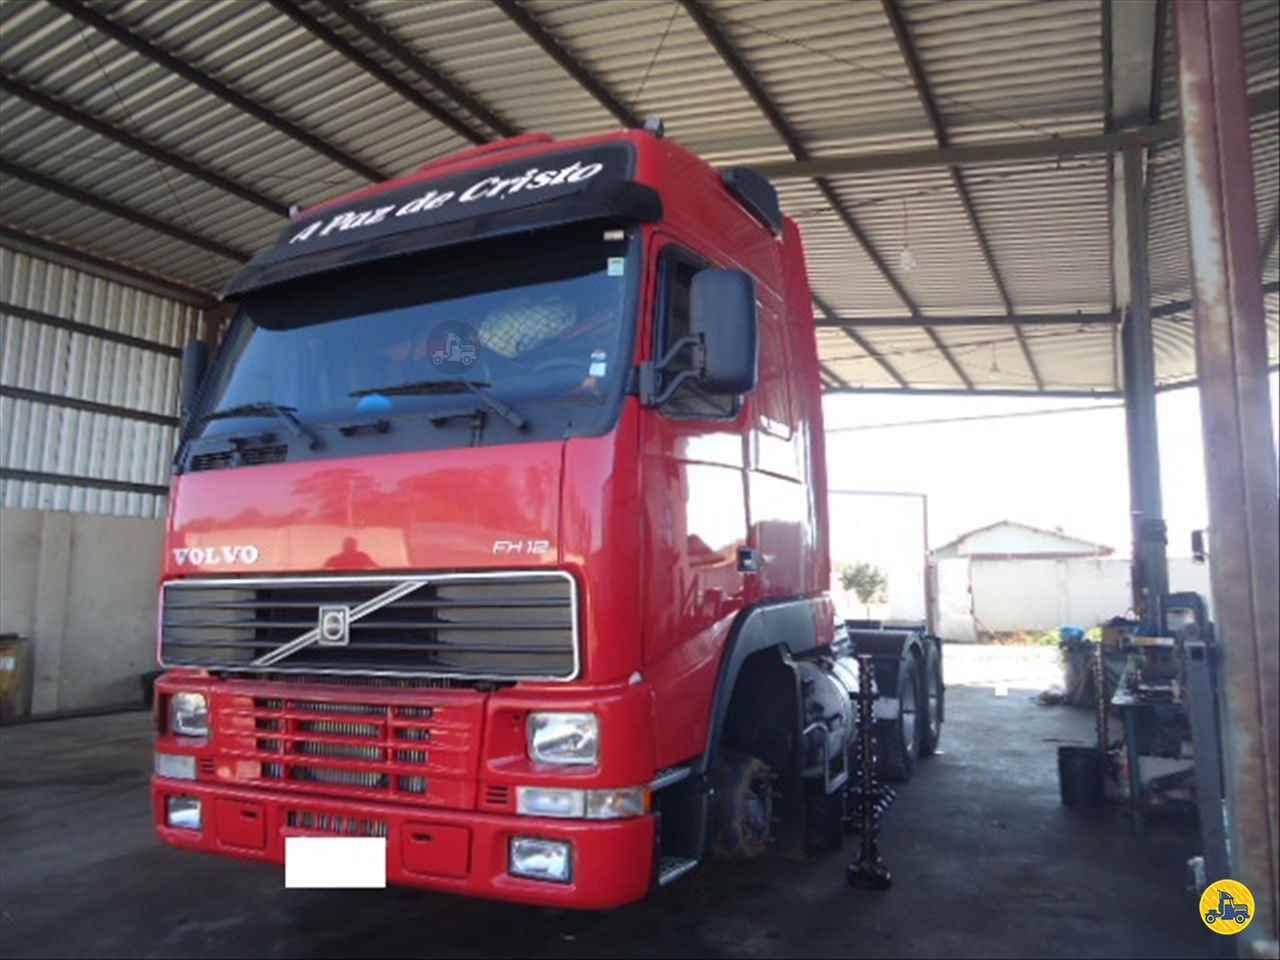 CAMINHAO VOLVO VOLVO FH12 380 Cavalo Mecânico Truck 6x2 RB Caminhões & Financiamentos ARAGUARI MINAS GERAIS MG